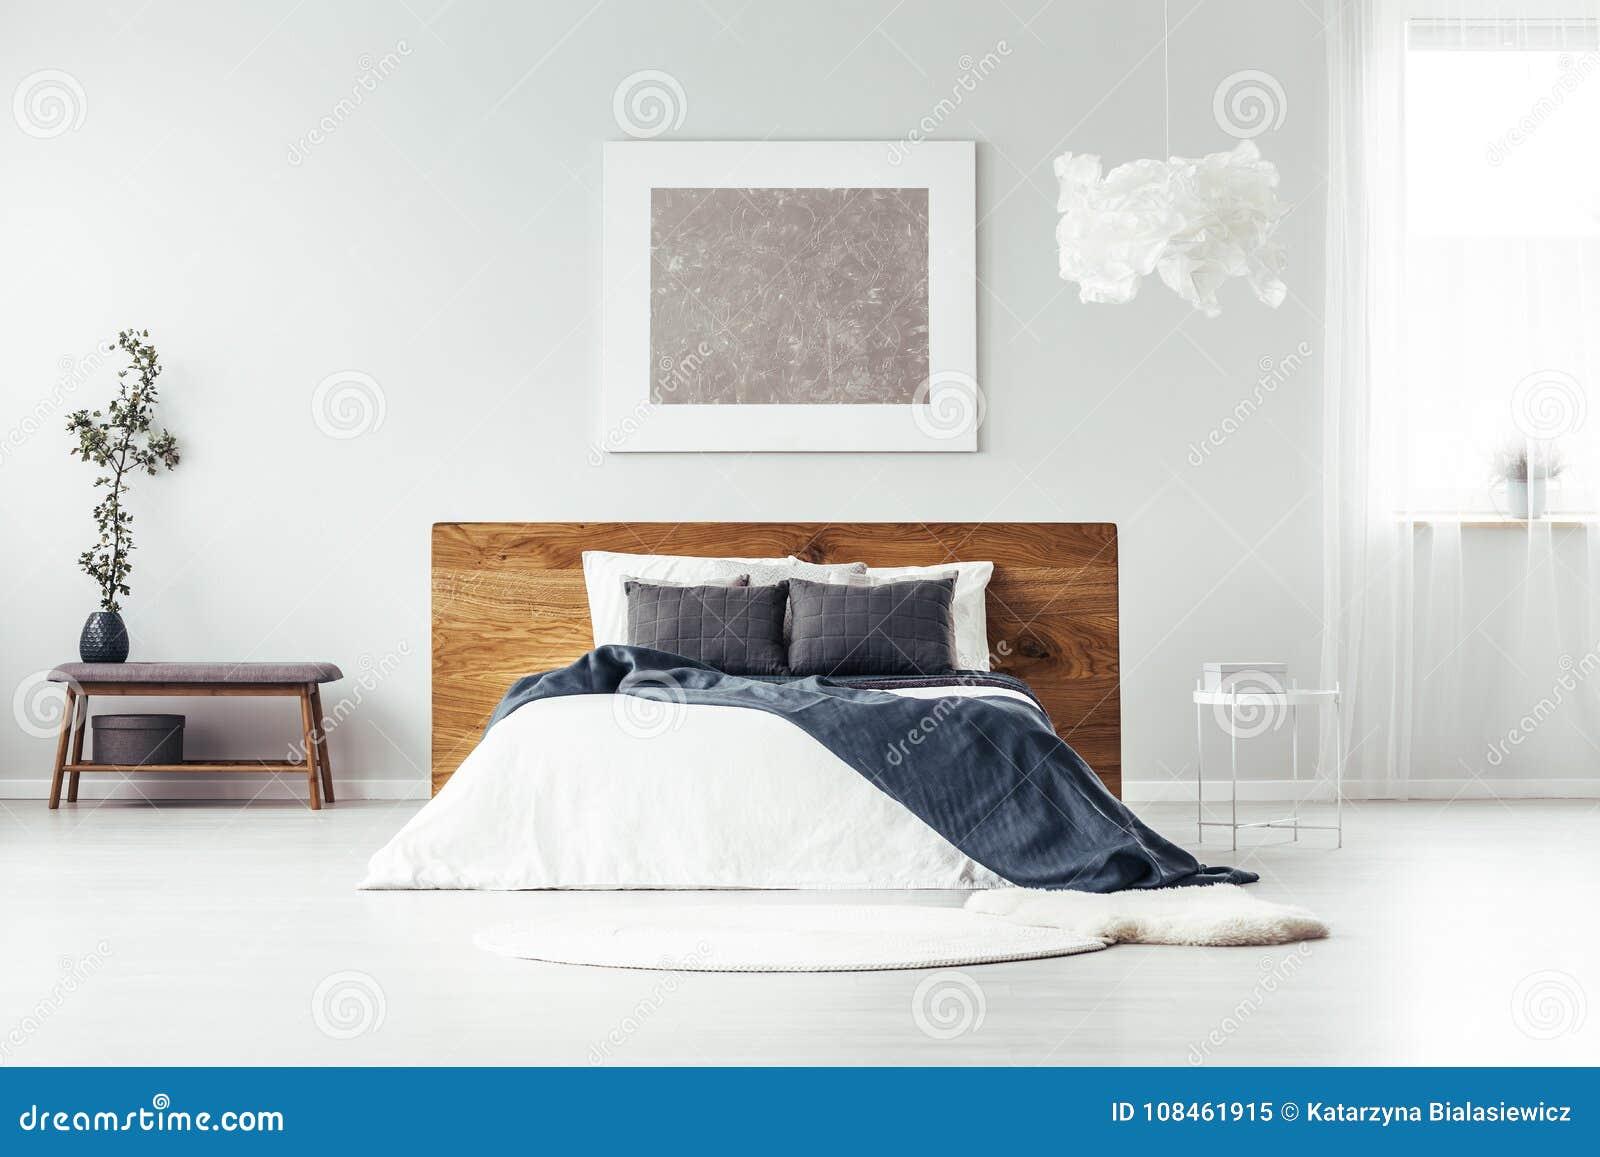 Pittura Stanza Da Letto pittura d'argento nella camera da letto spaziosa immagine